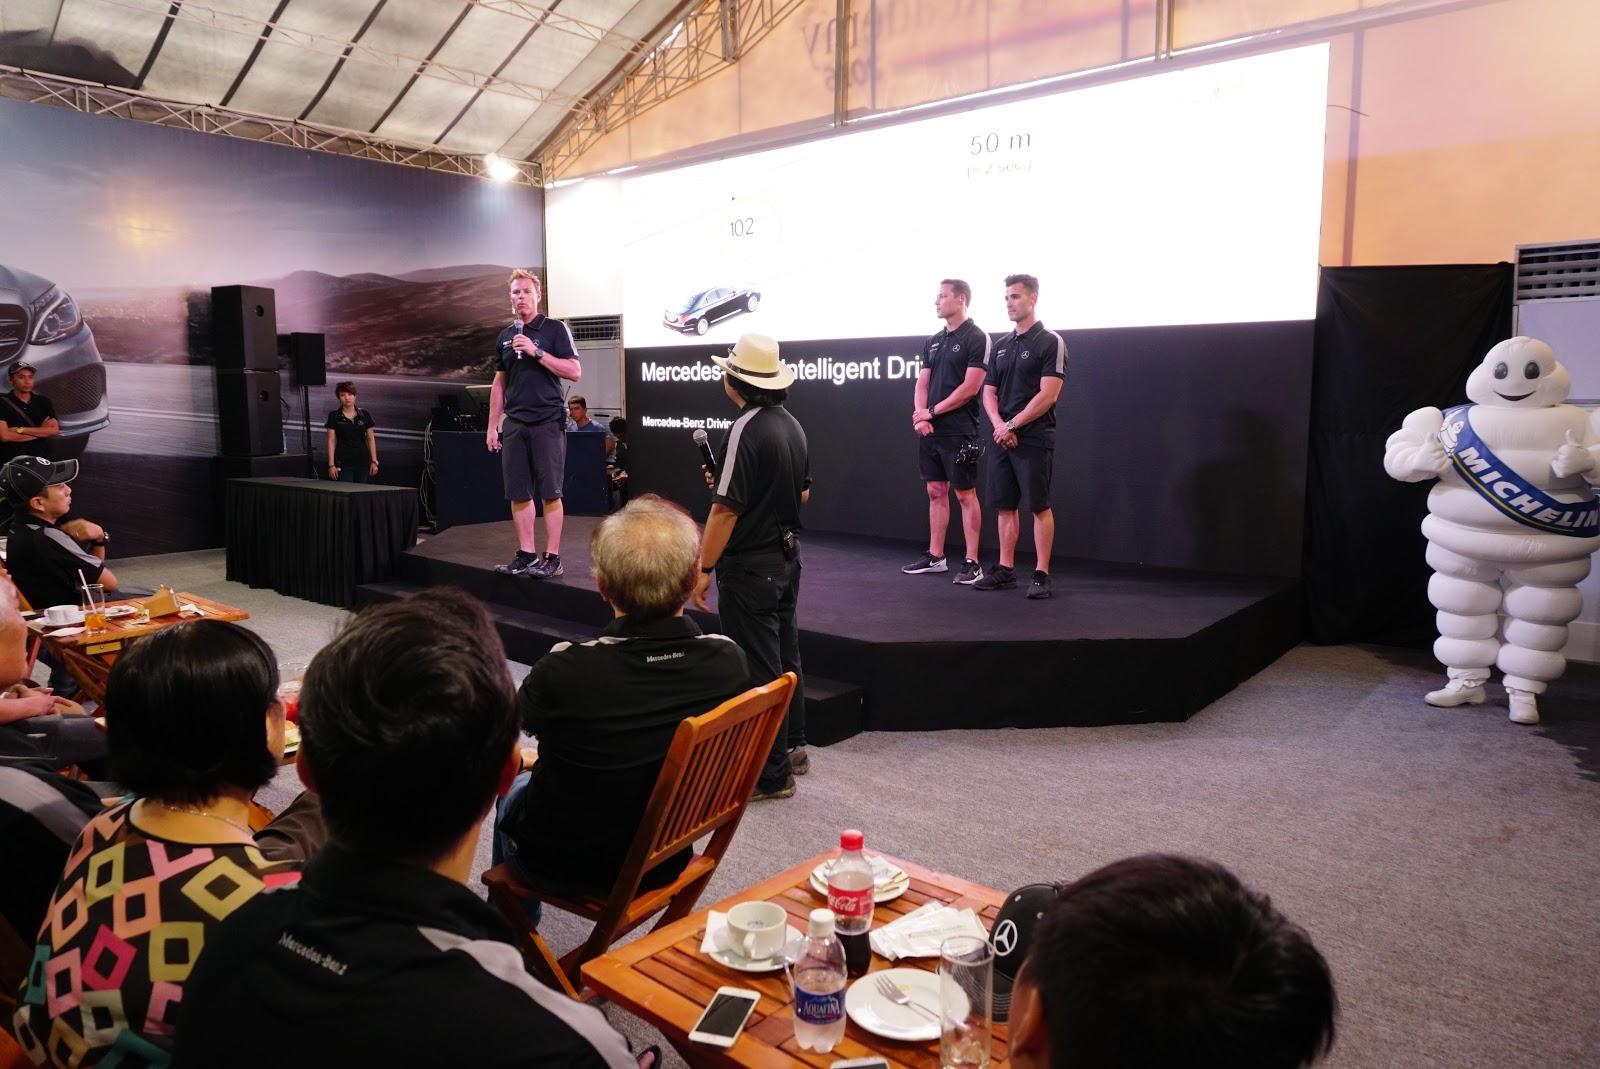 Các huấn luận viên đang giới thiệu và hướng dẫn các tính năng, kỹ năng lái xe Mercedes